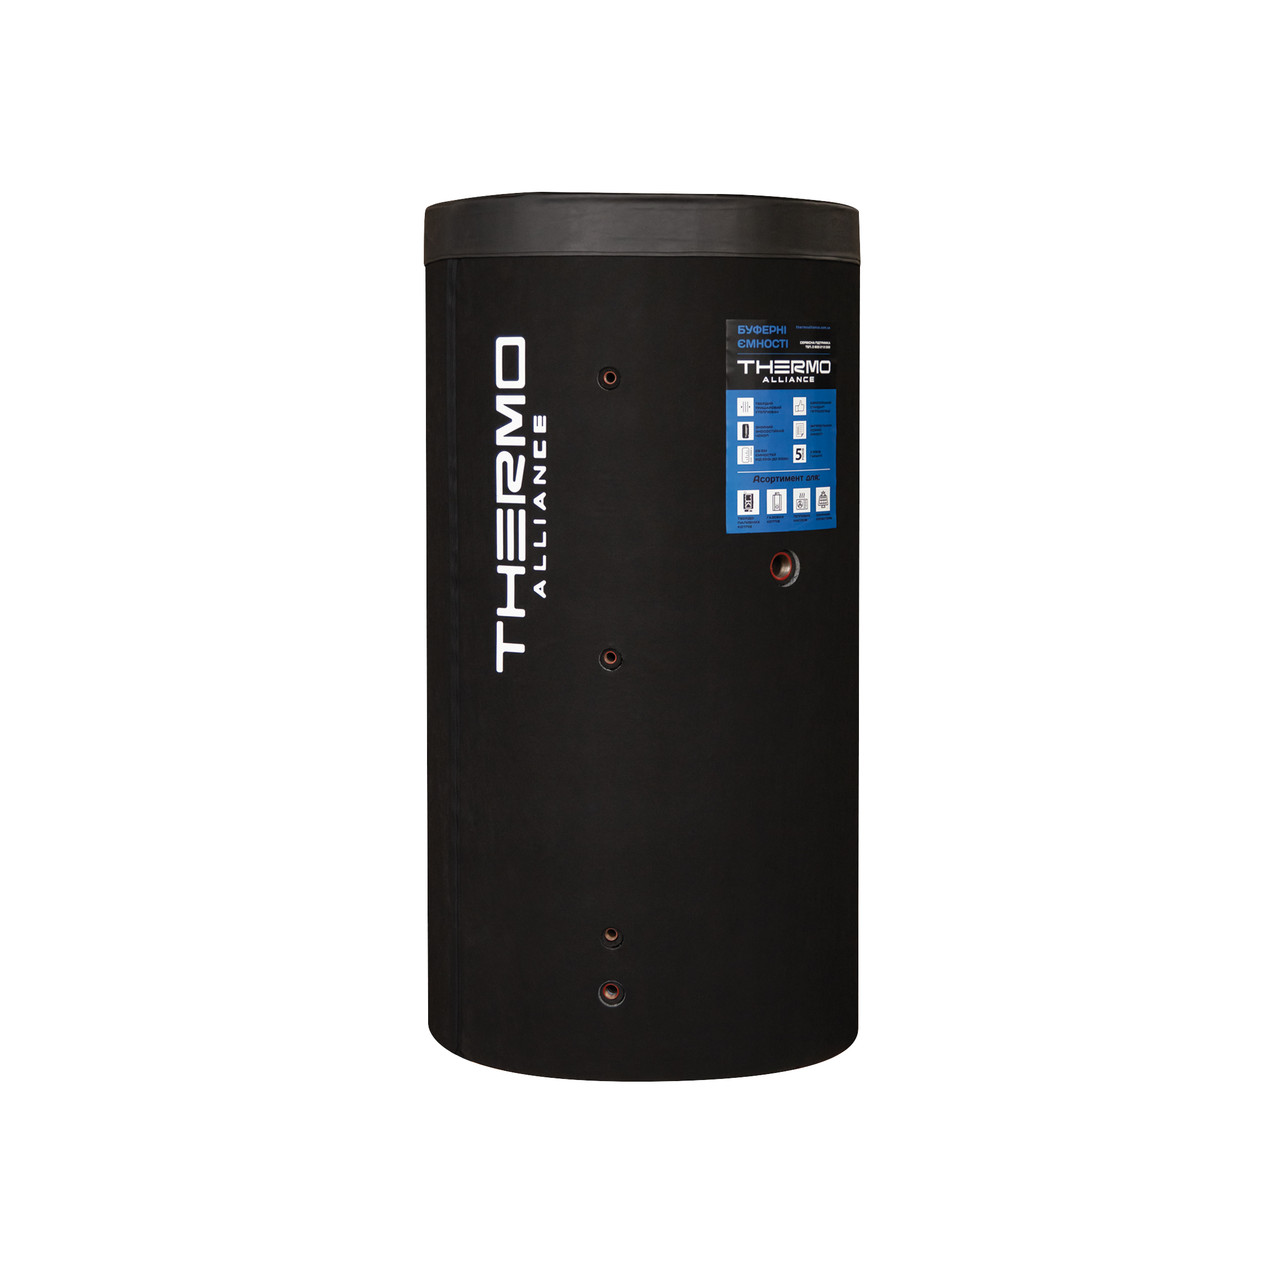 Теплоаккумулятор Thermo Alliance TAI-10 350 (60 мм)